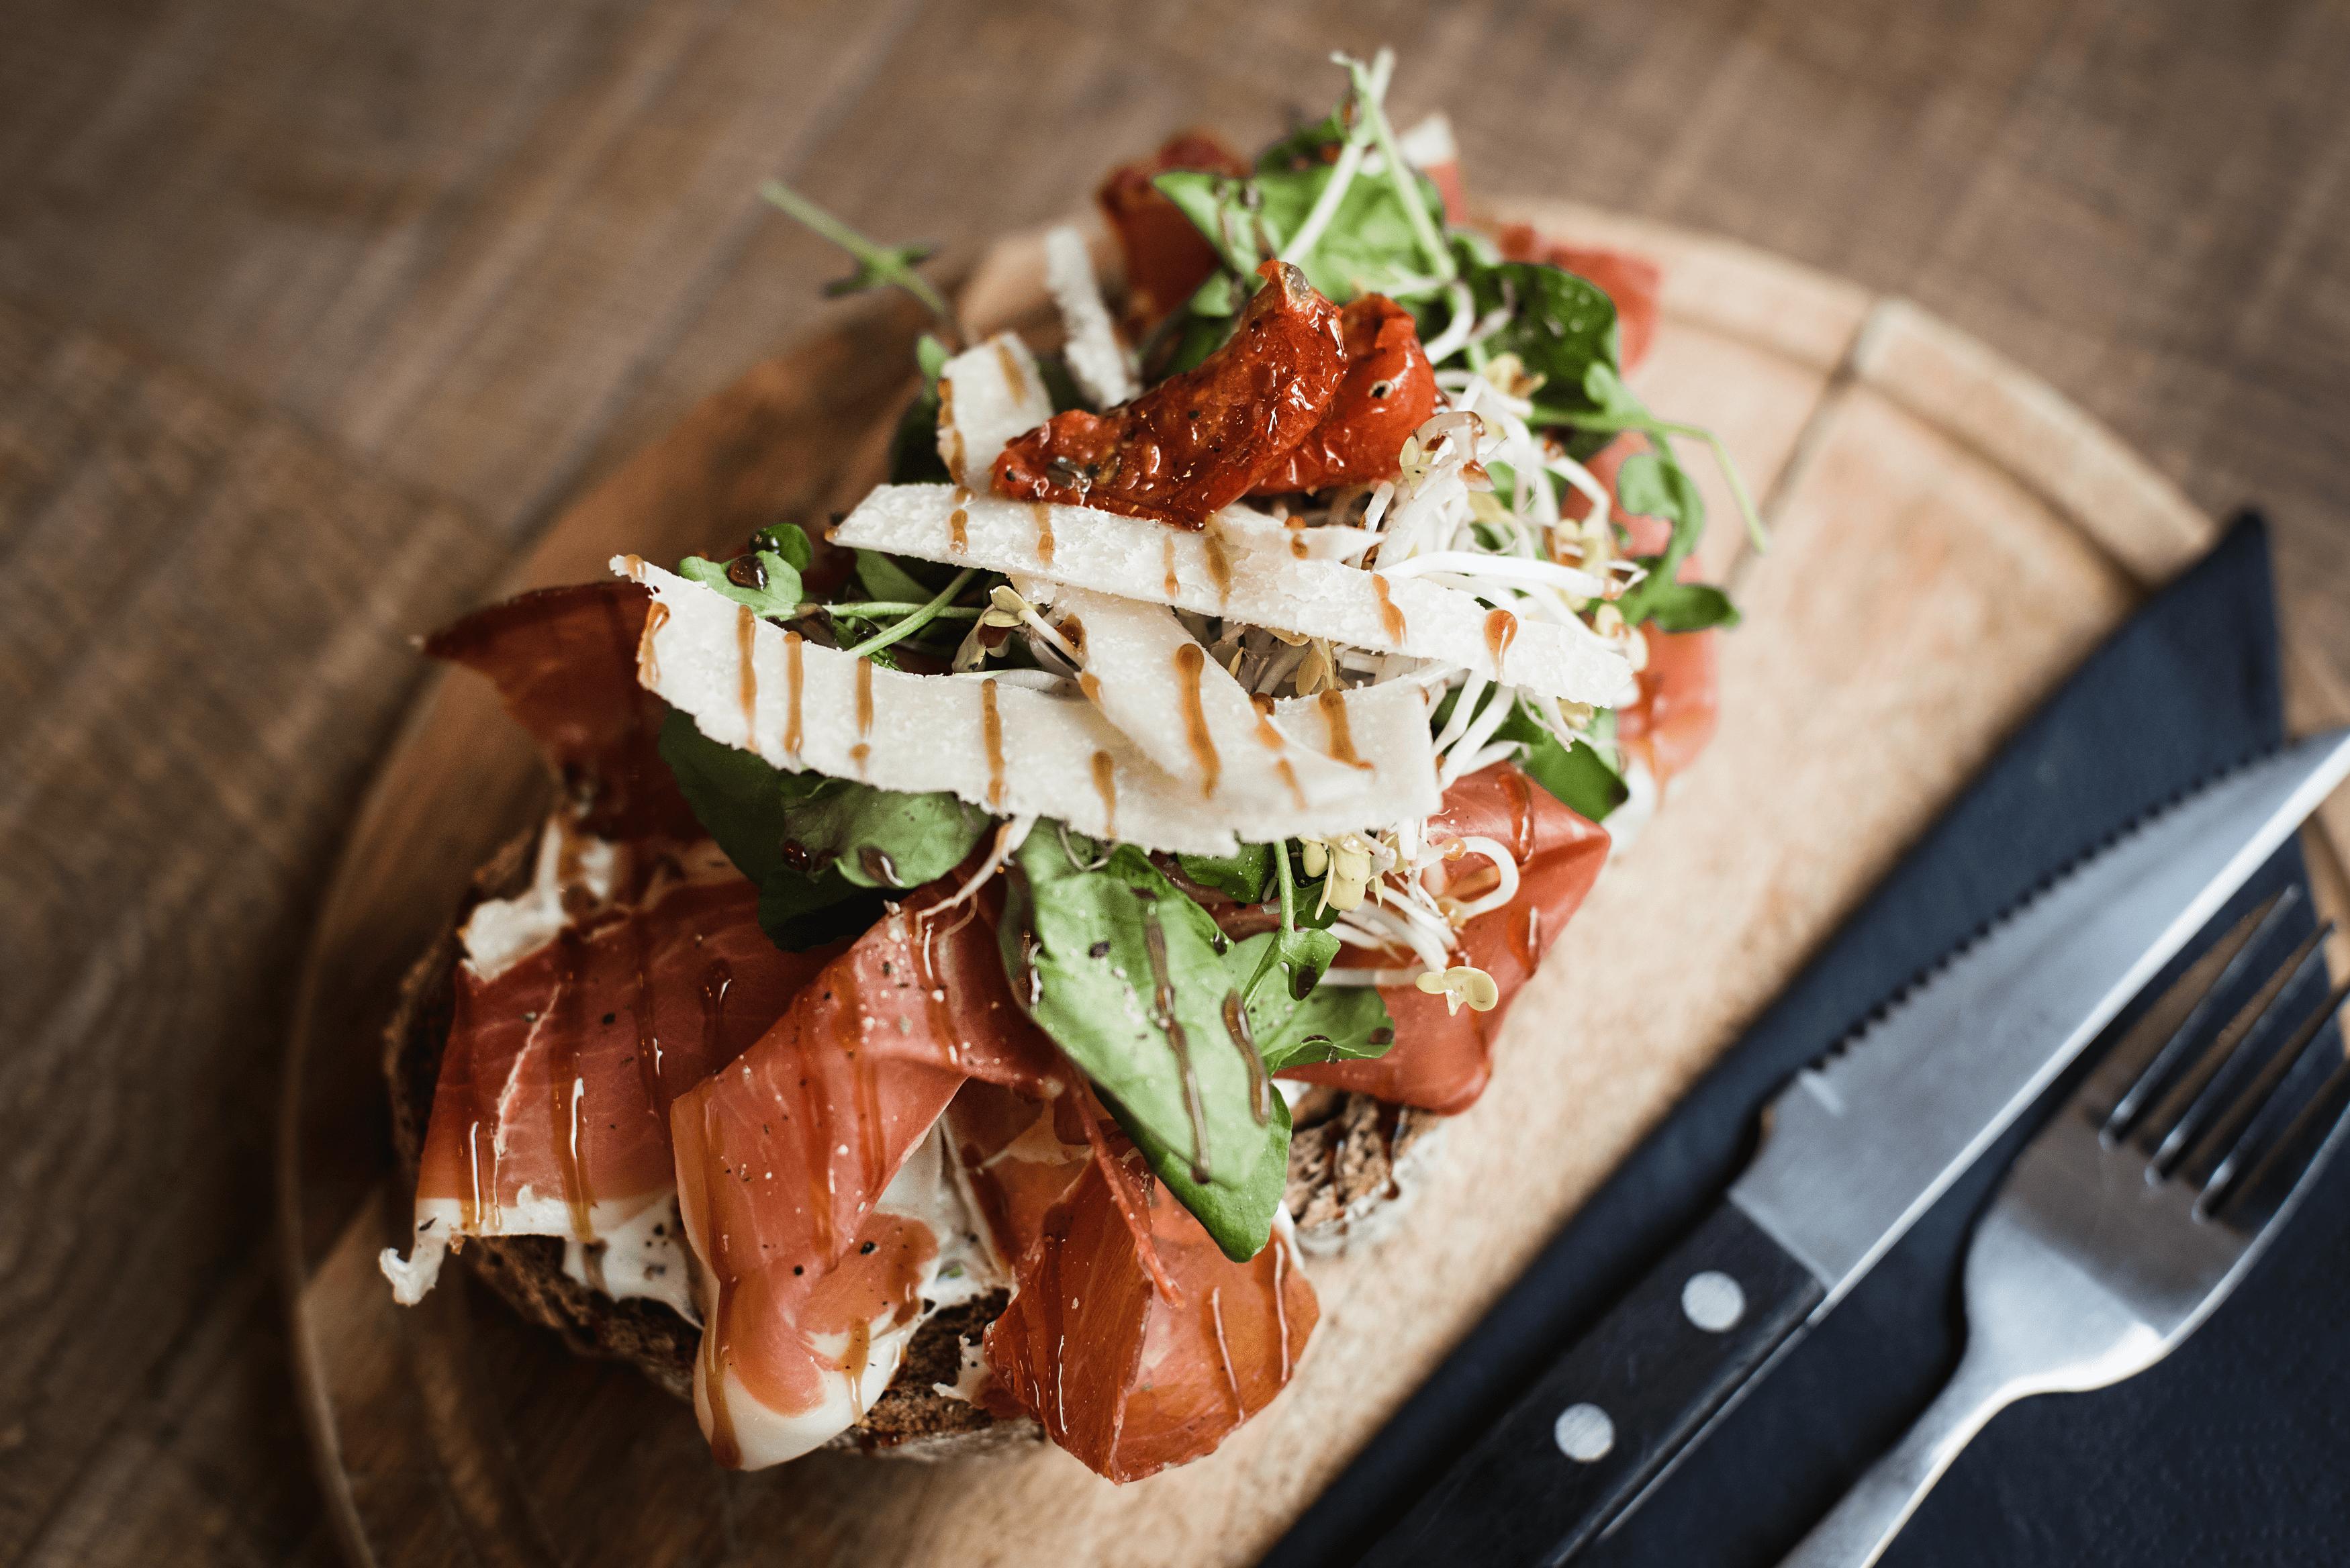 Heerlijke lunch opties in het CHCO café